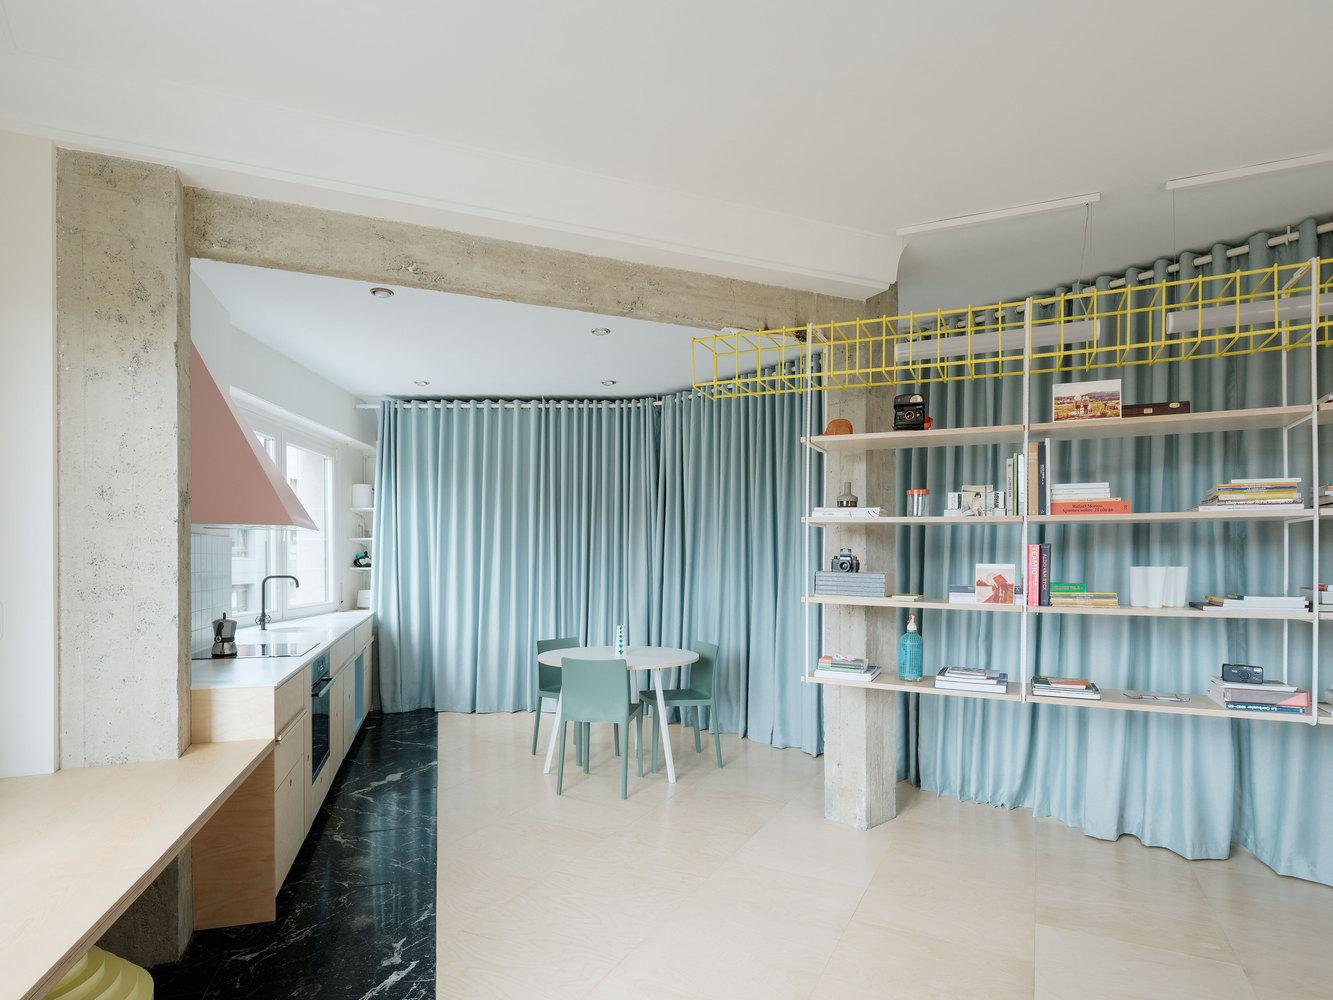 Tendencias en diseño y construcción del 2020: Lo recurrente, popular, relevante y sustancial,Apartamento ready-made / azab. Image © Luis Diaz Diaz